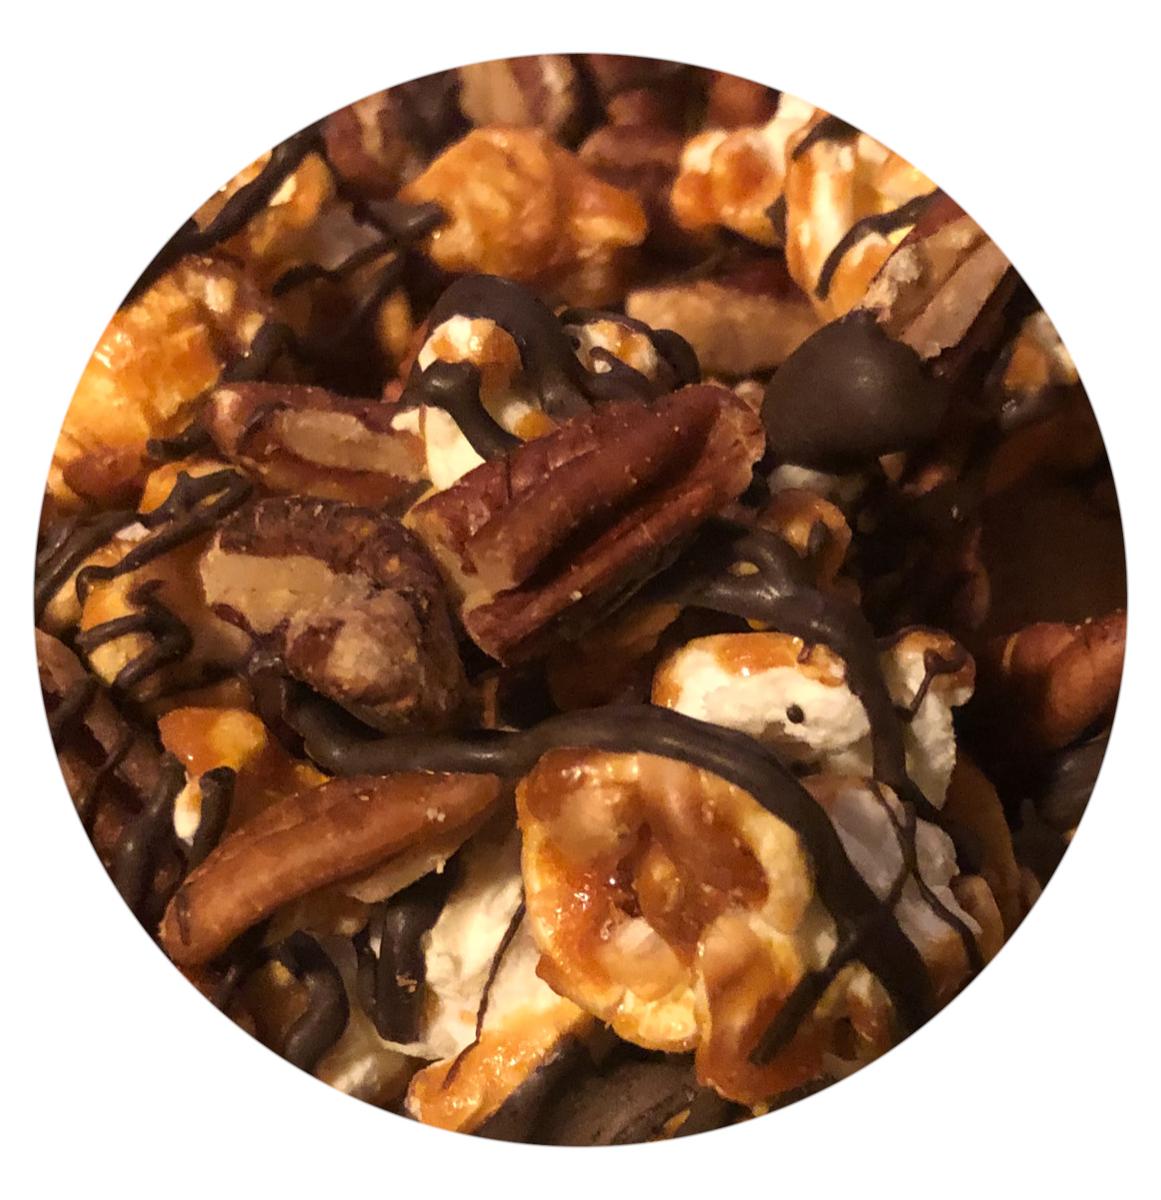 pecan-karamel-turtle-popkorn-26-oz-gourmet-popcorn-